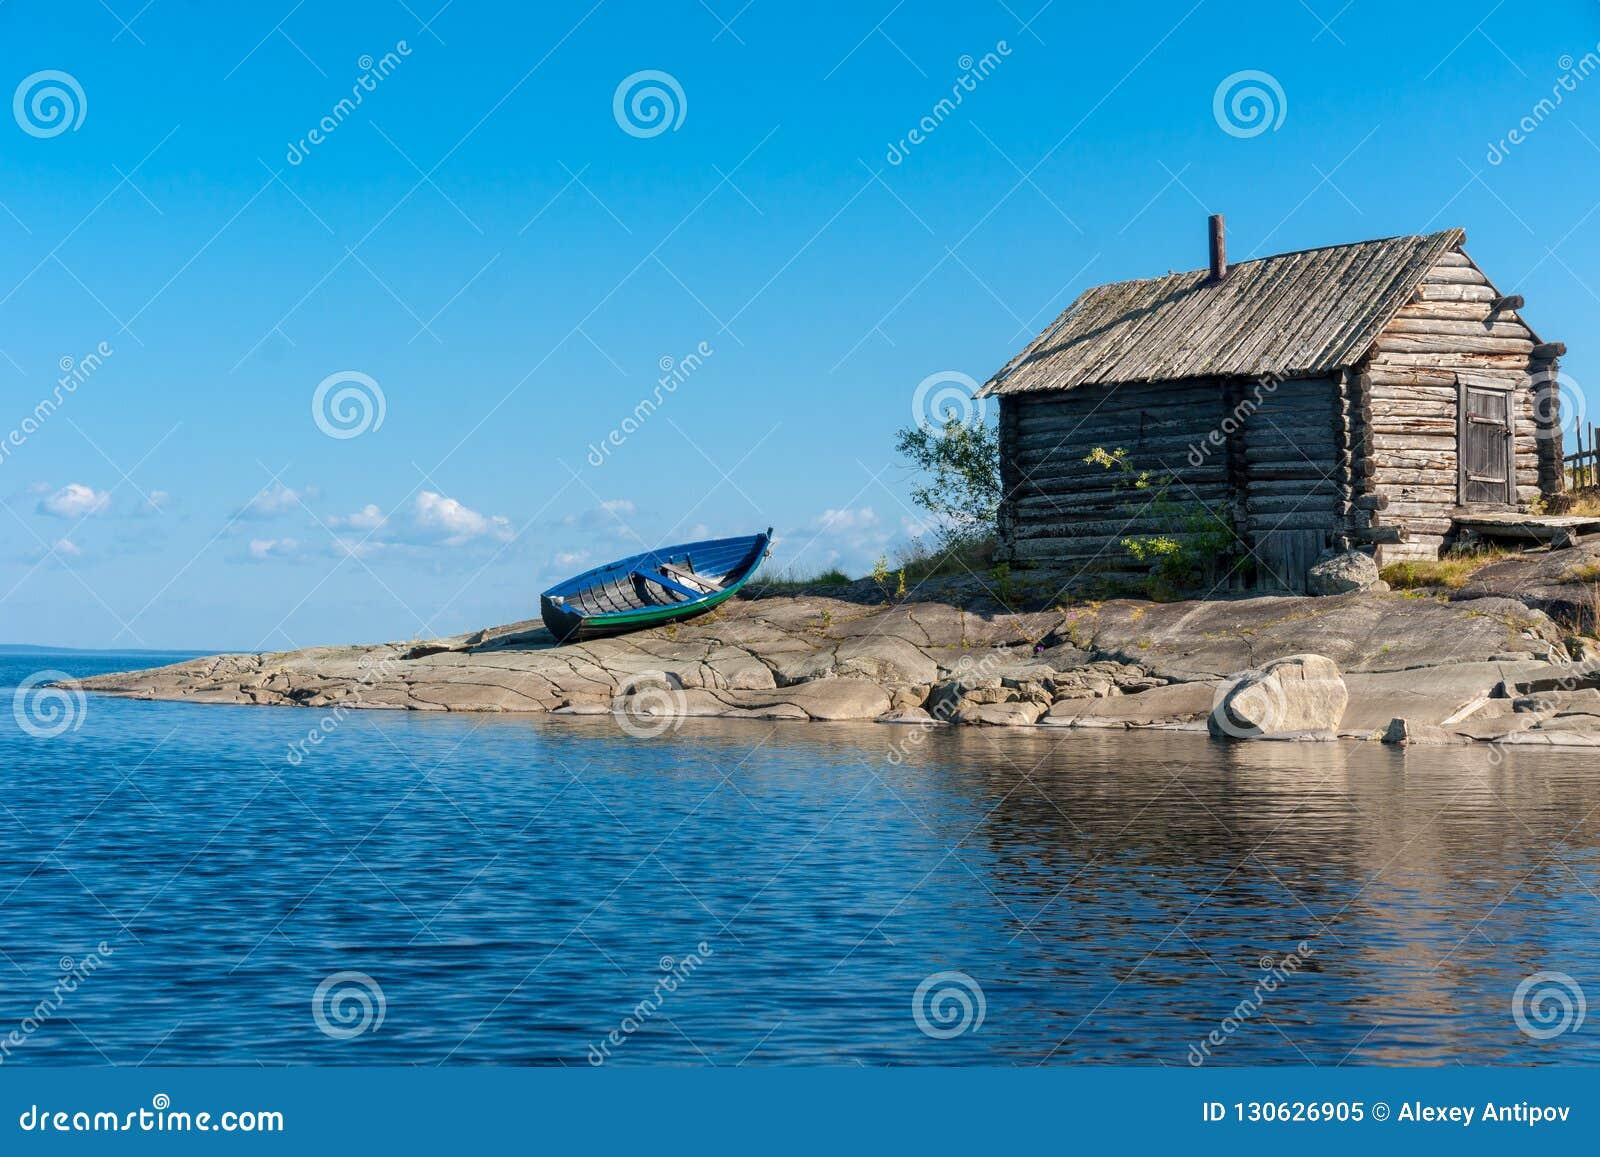 La vieux hutte et bateau en bois sur les lacs rocheux étayent, la Russie